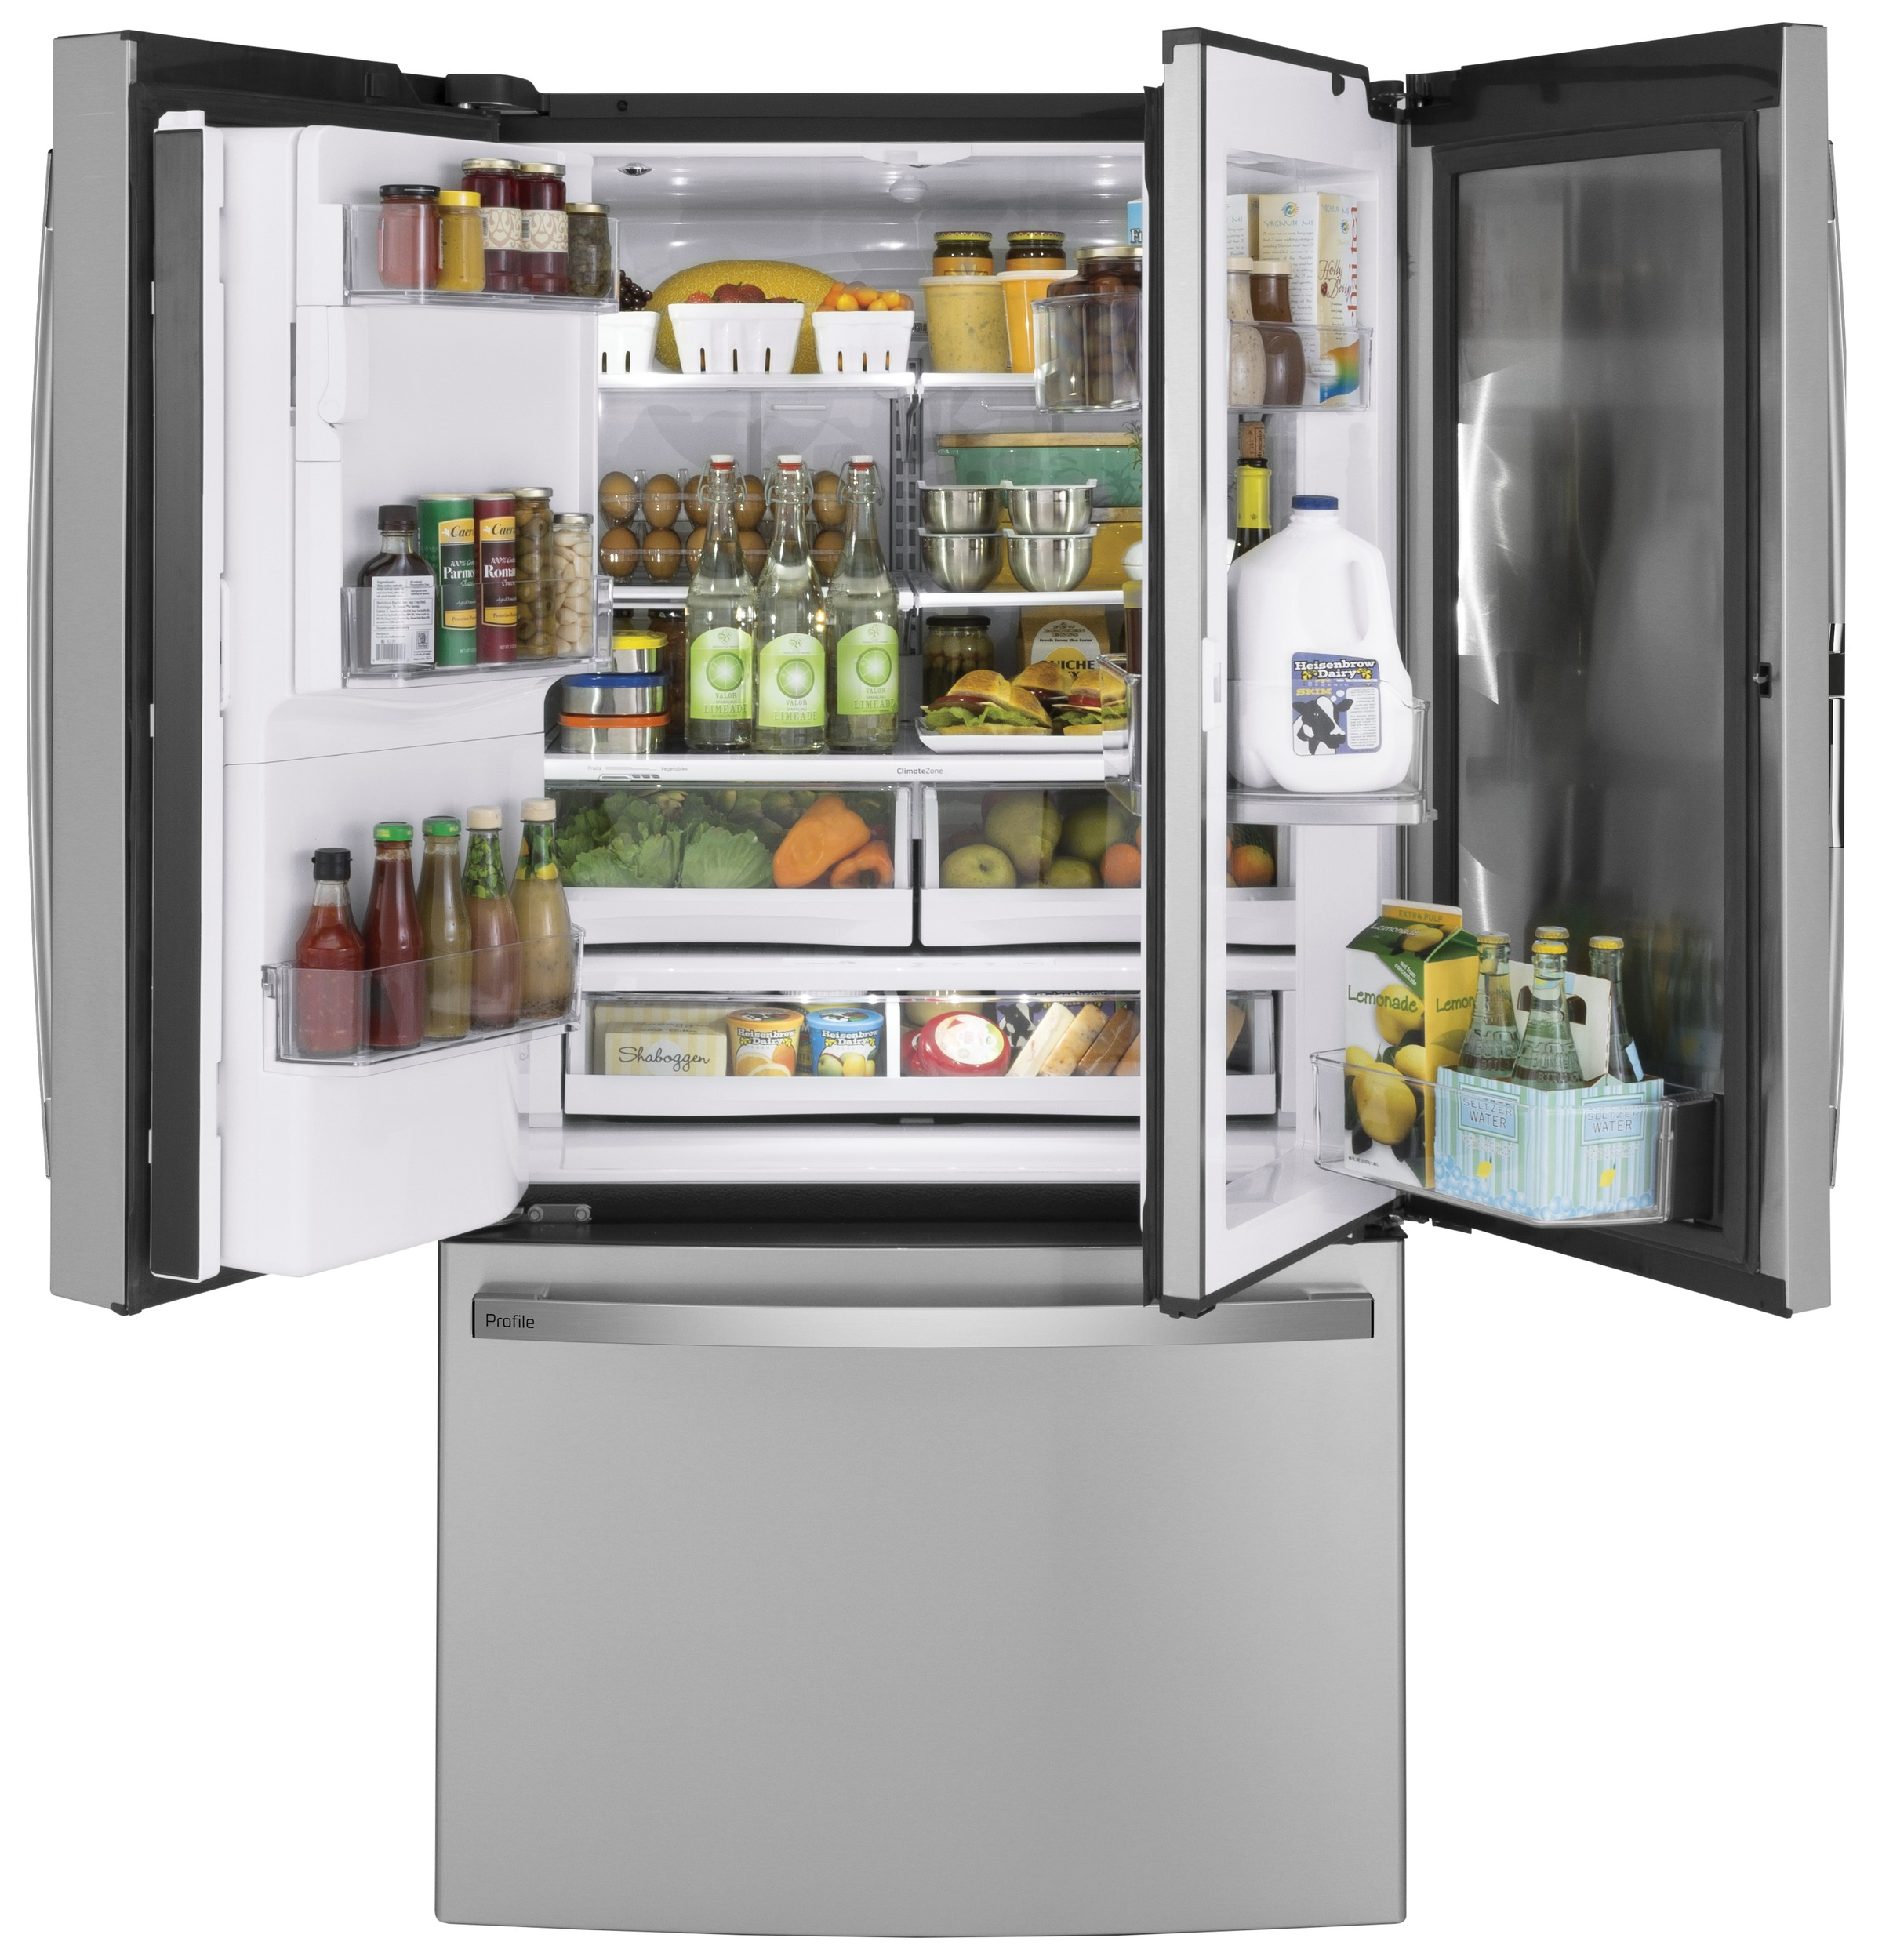 Model: PFD28KYNFS | GE Profile GE Profile™ Series 27.7 Cu. Ft. French-Door Refrigerator with Door In Door and Hands-Free AutoFill